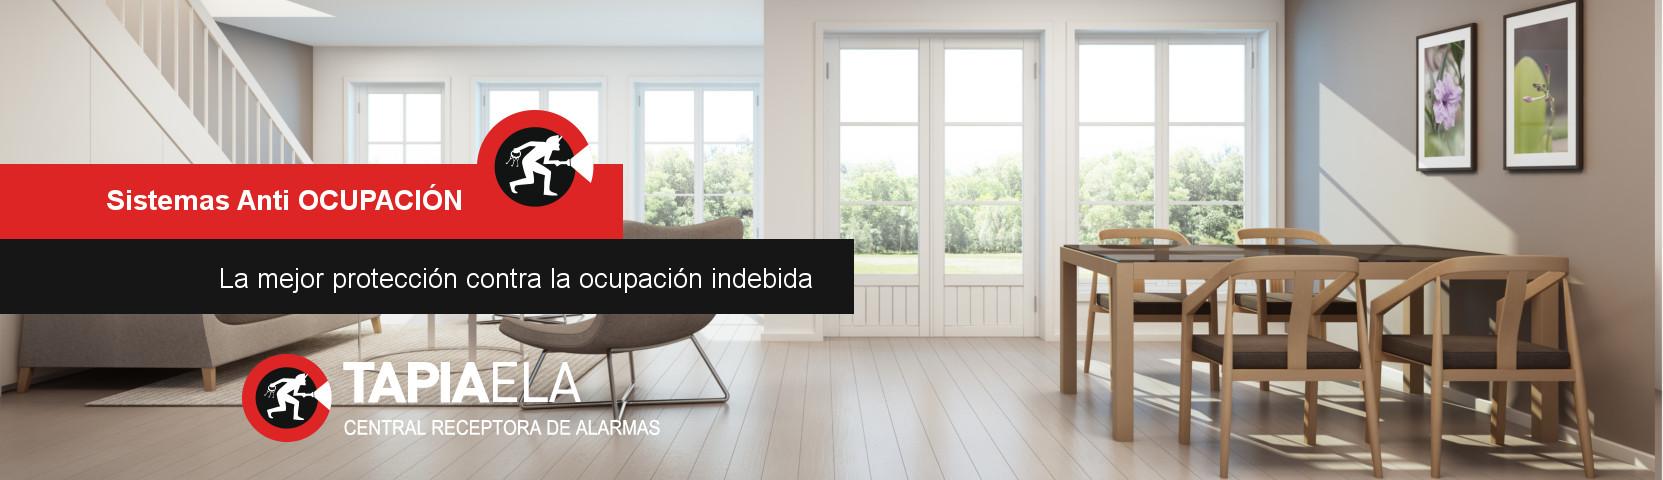 Protección anti okupas en Asturias